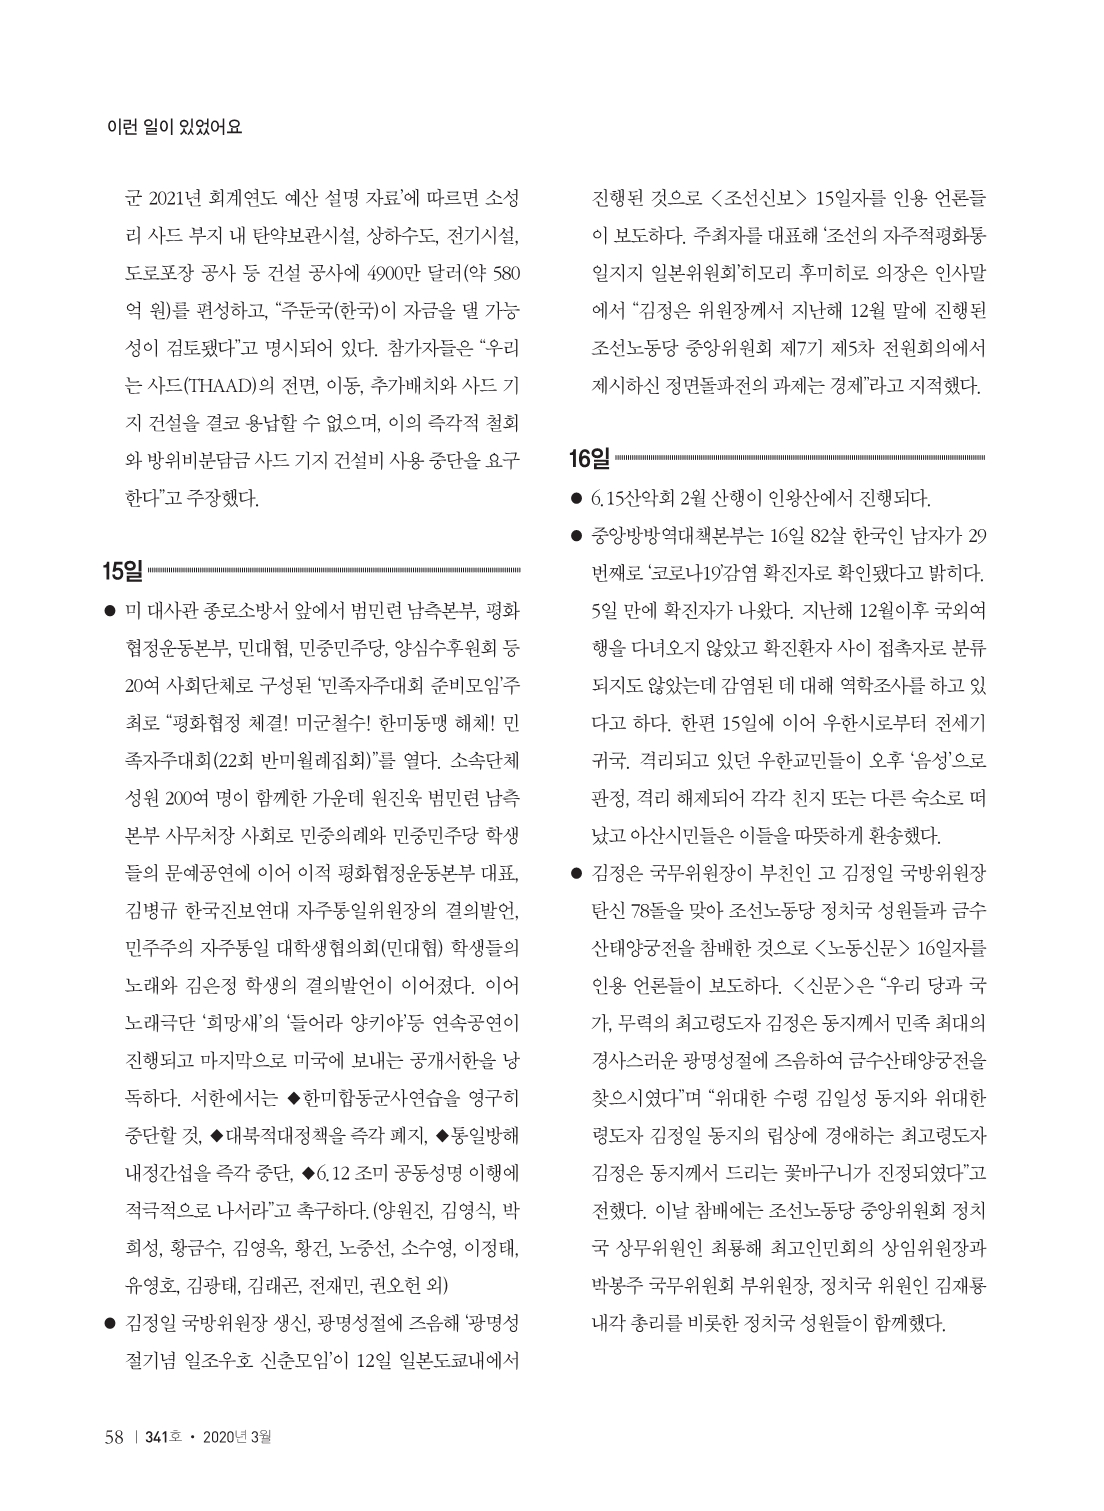 45cfe4c7-a26e-4b55-9dc7-306310e81365.pdf-0060.jpg